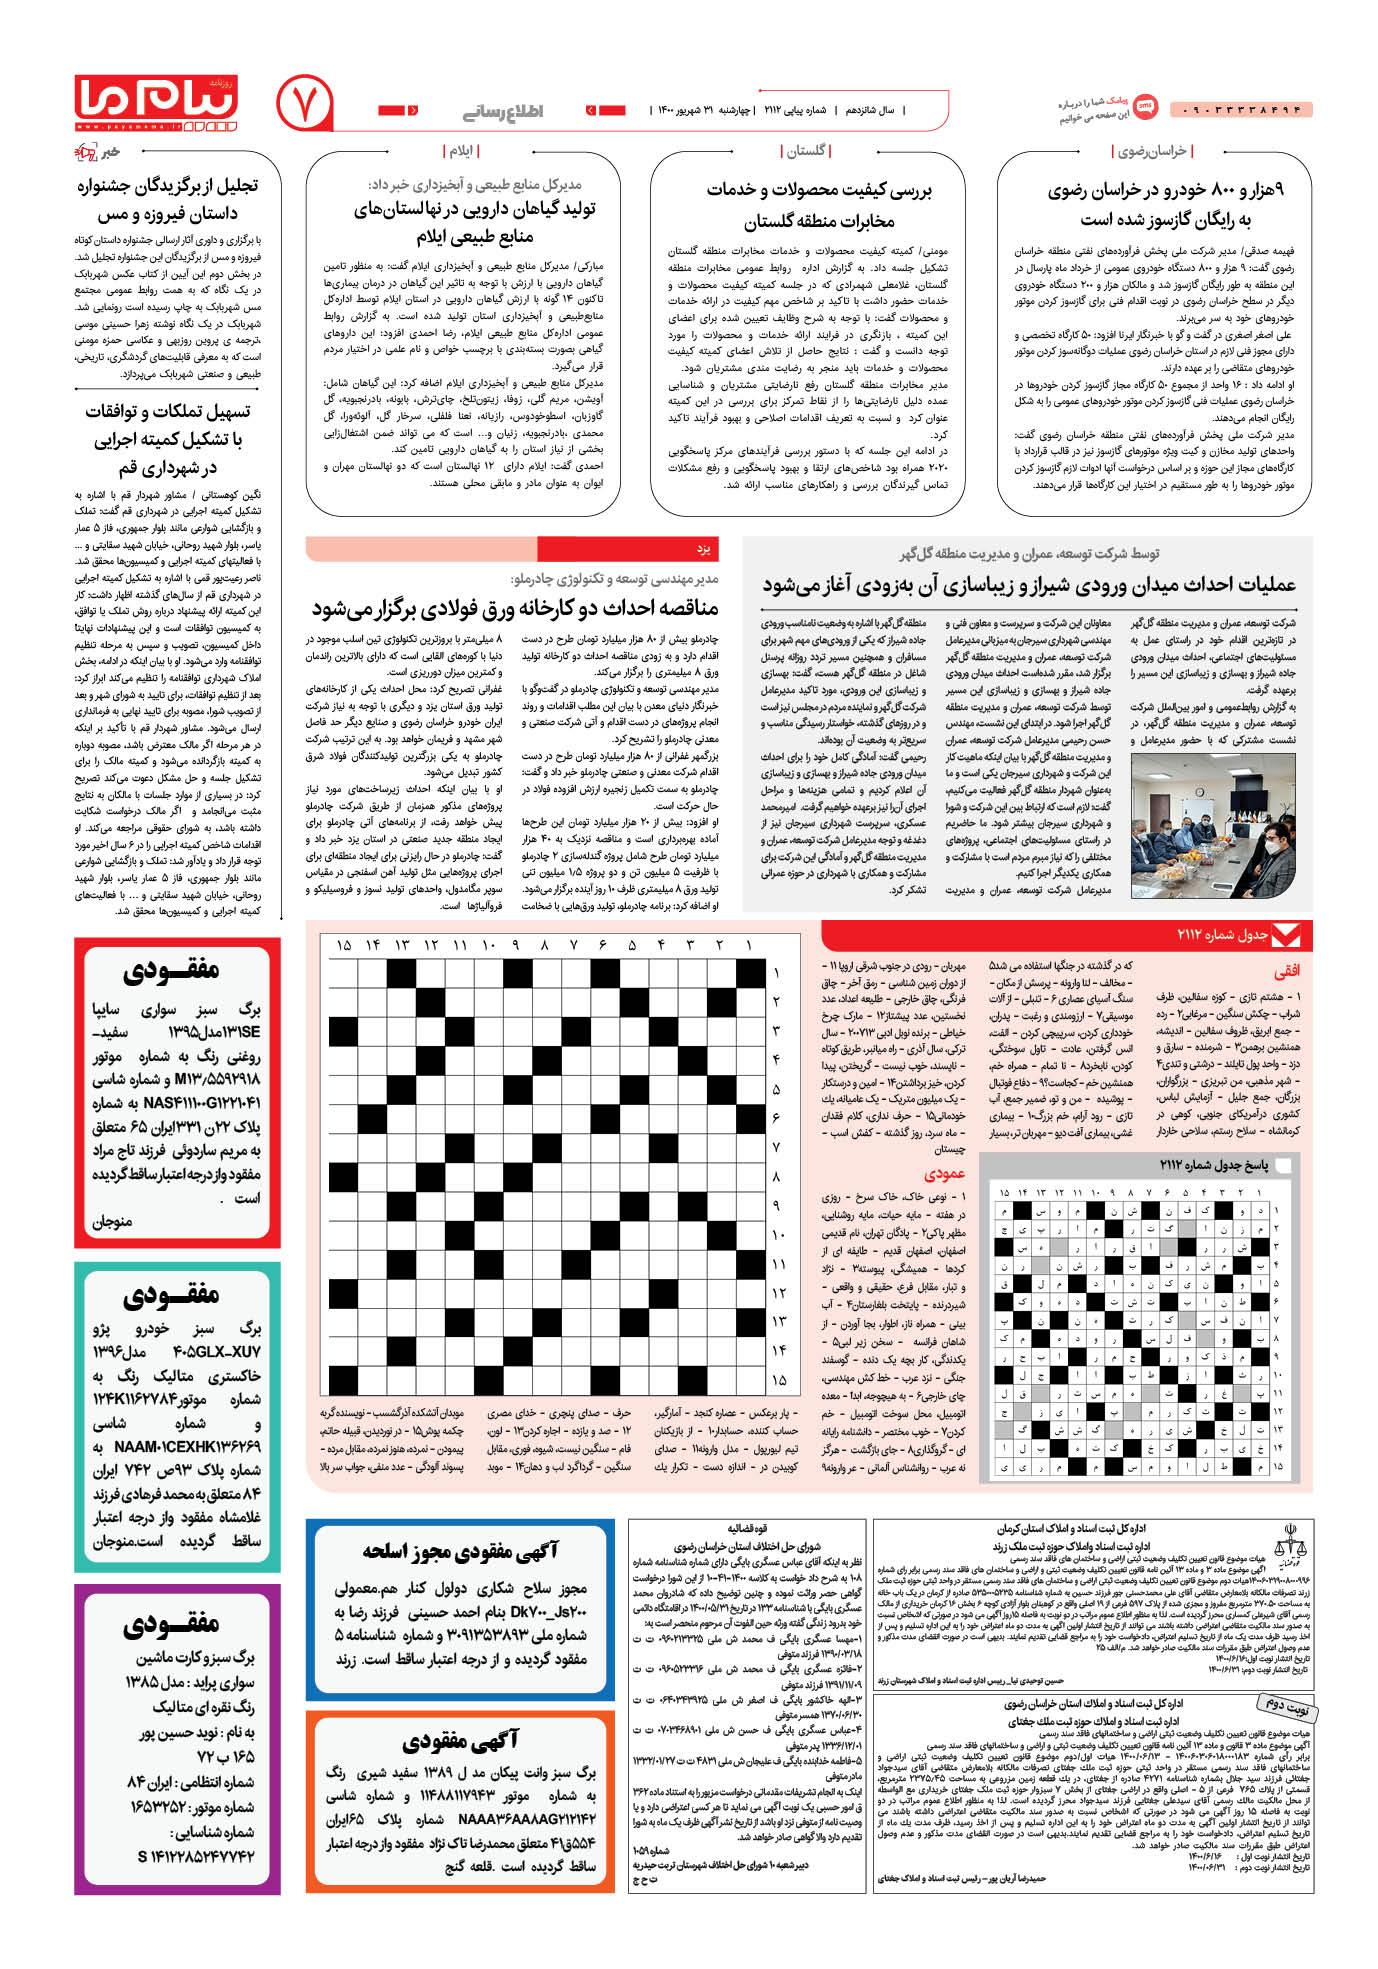 صفحه اطلاع رسانی شماره 2112 روزنامه پیام ما